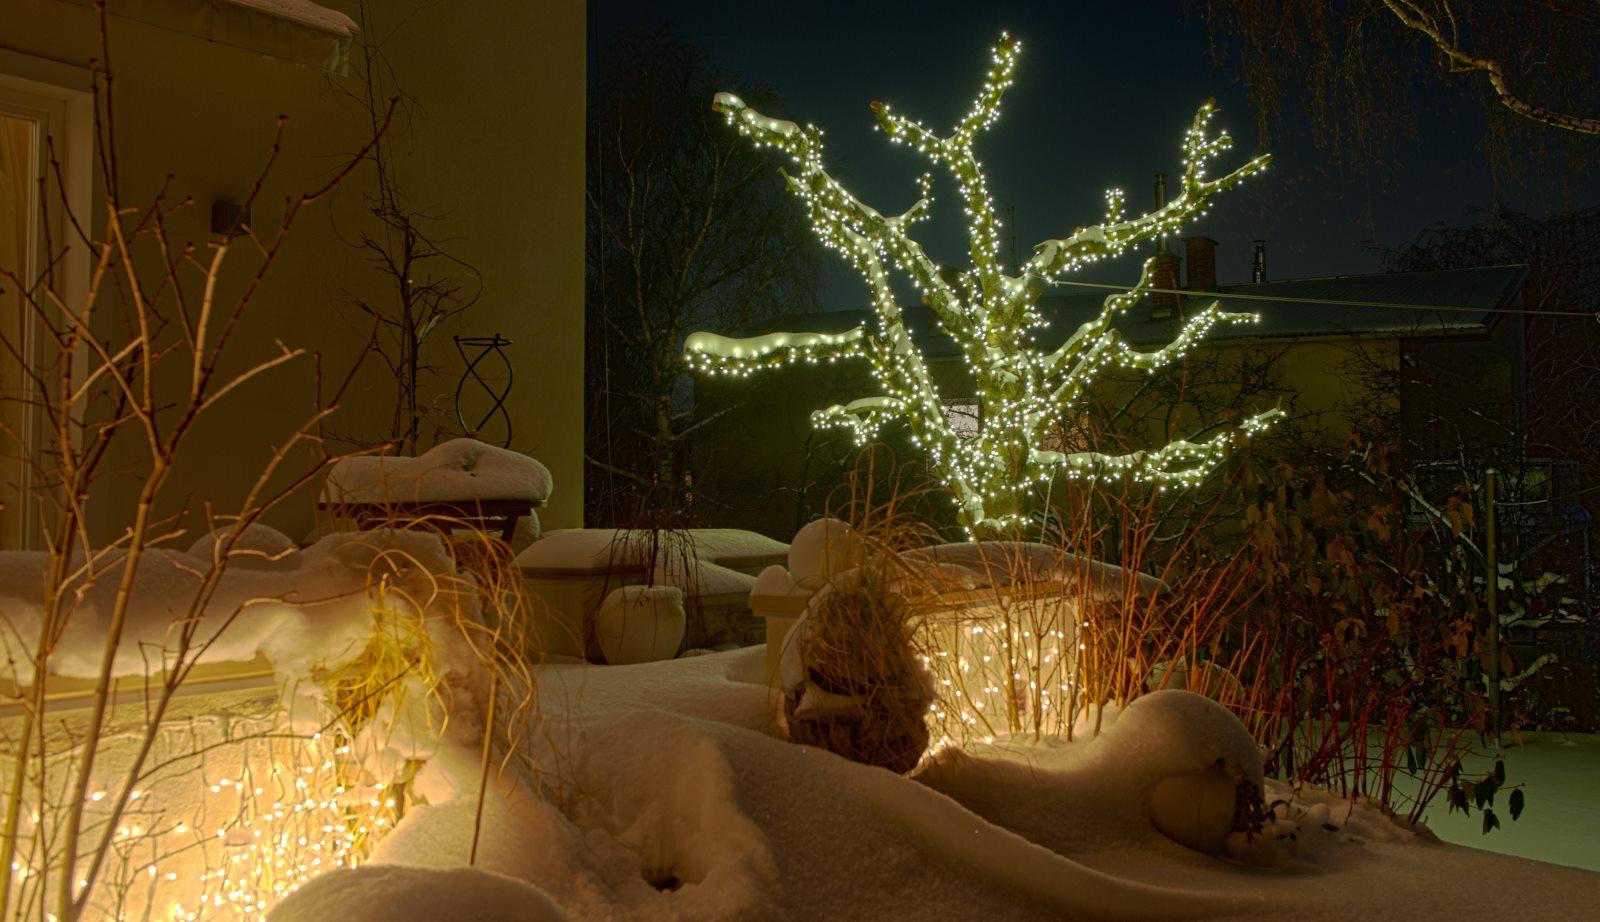 Außergewöhnliche Weihnachtsbeleuchtung.Weihnachtsbeleuchtung Privathäuser Rechtzeitig Geplant